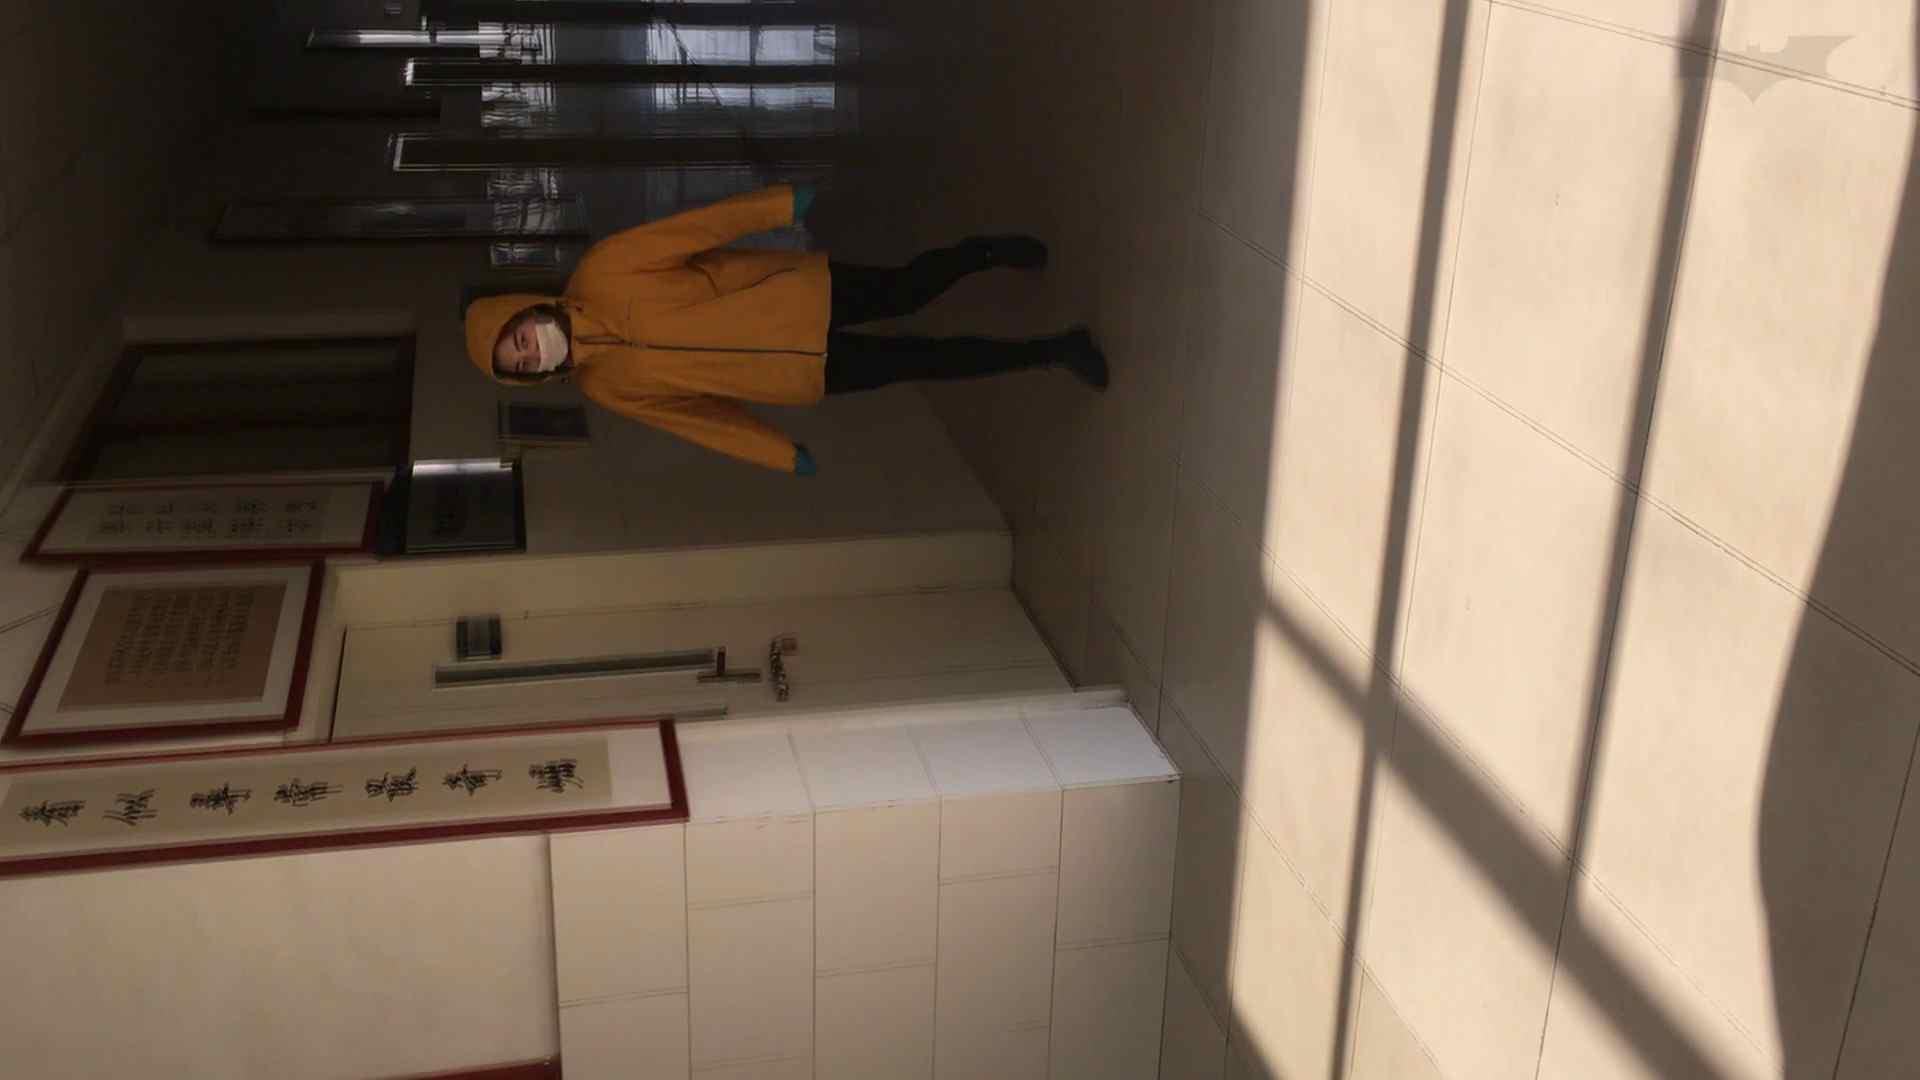 芸術大学ガチ潜入盗撮 JD盗撮 美女の洗面所の秘密 Vol.91 洗面所着替え | トイレ中  48連発 14